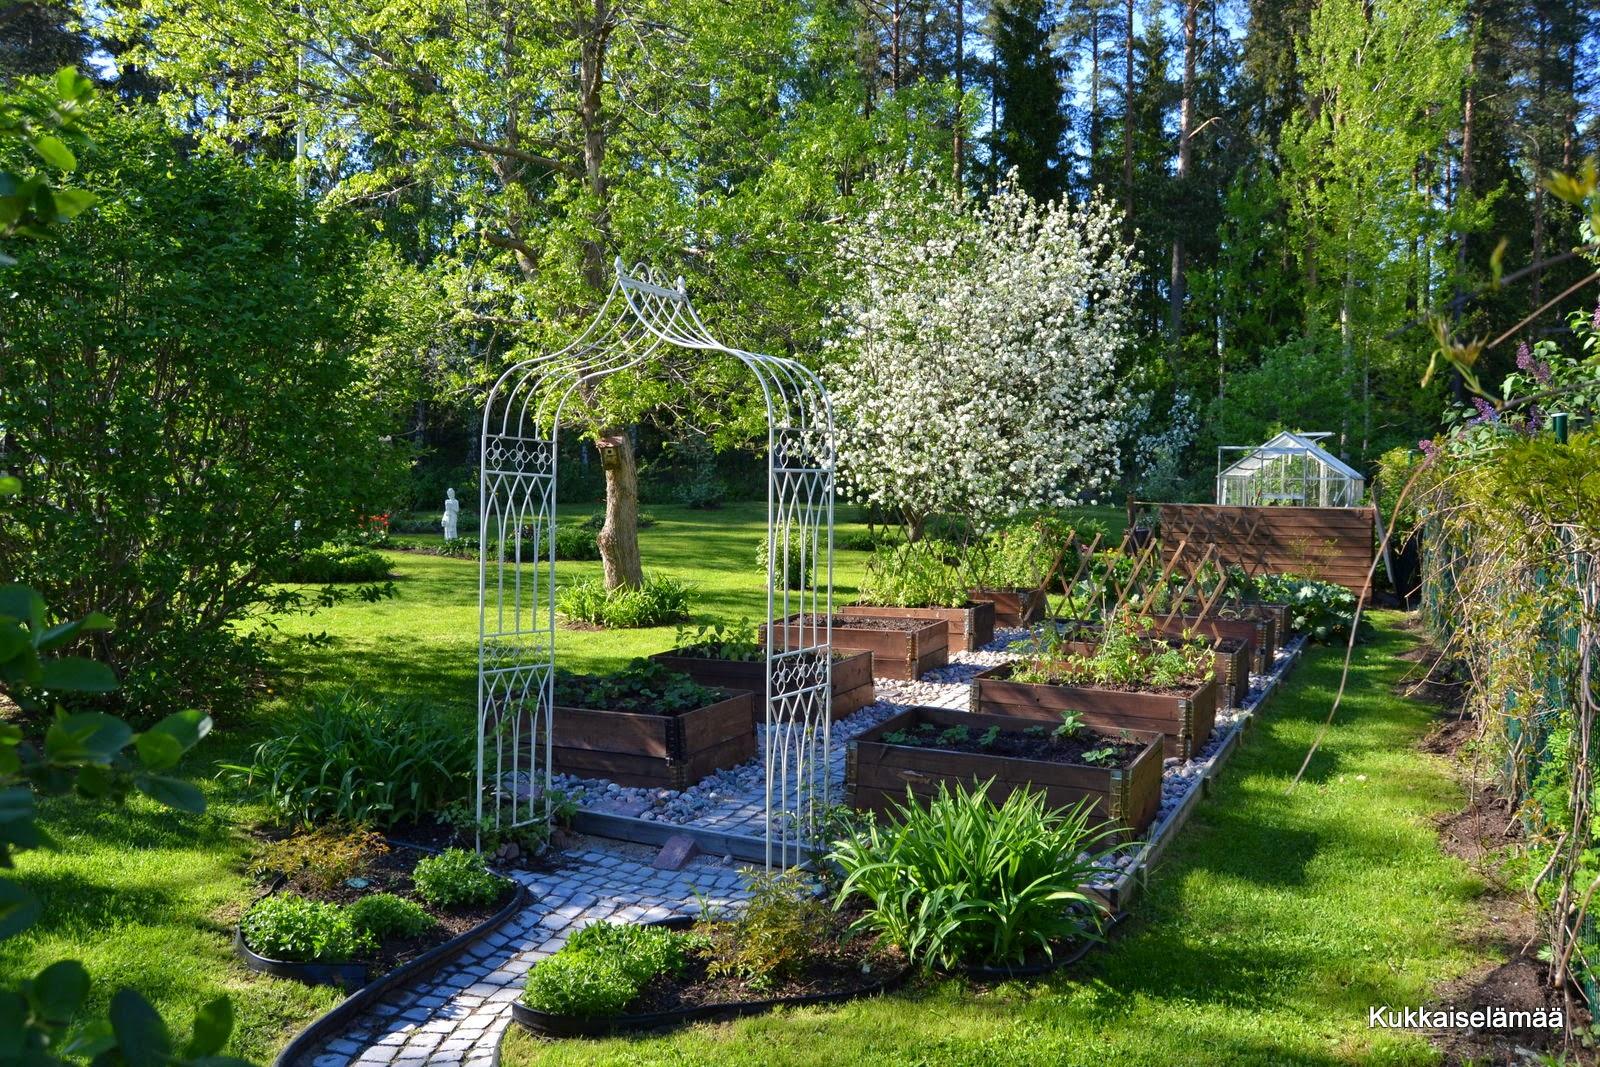 Helteinen lauantai puutarhassa – Saturday in a garden